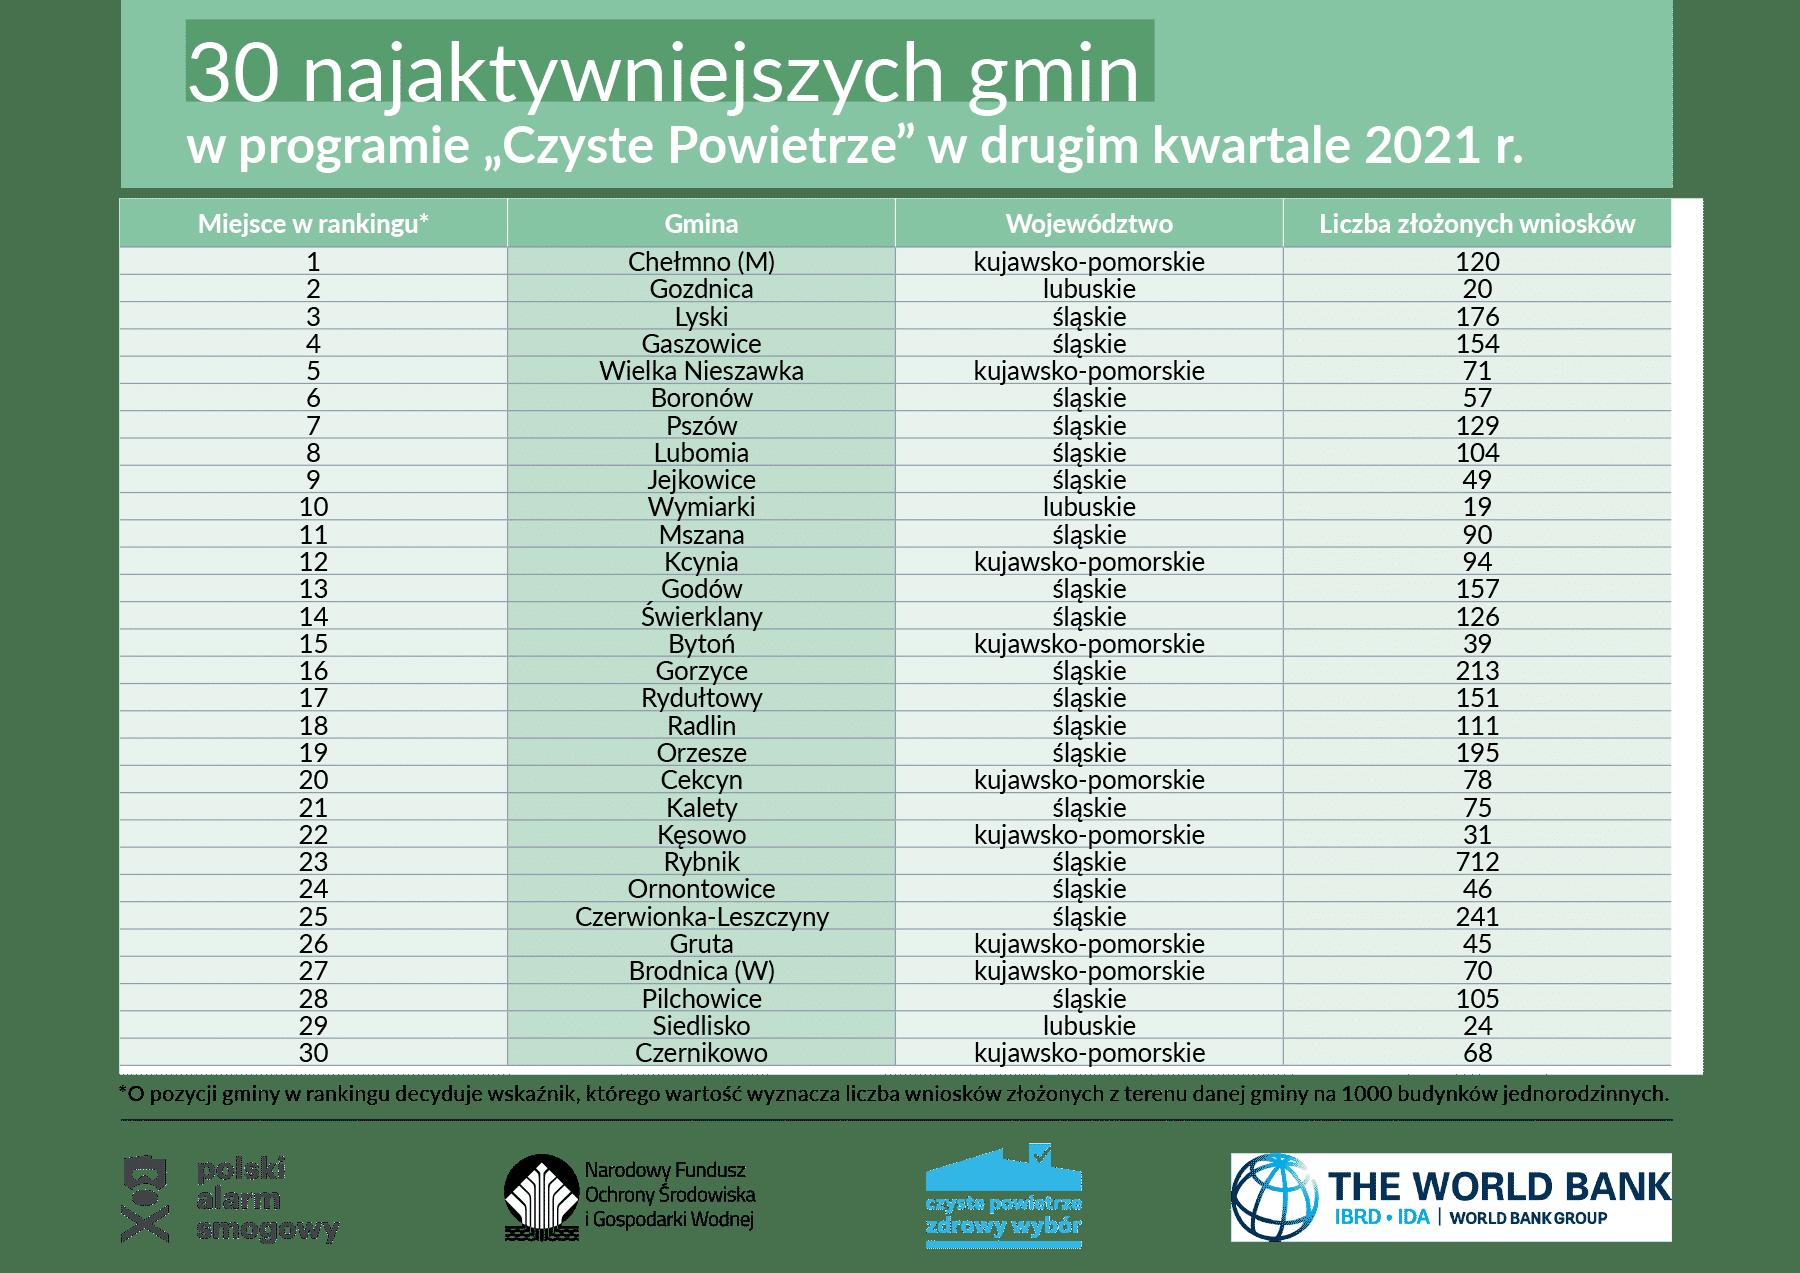 """Nowy ranking w programie """"Czyste Powietrze"""" zdominowały śląskie gminy"""